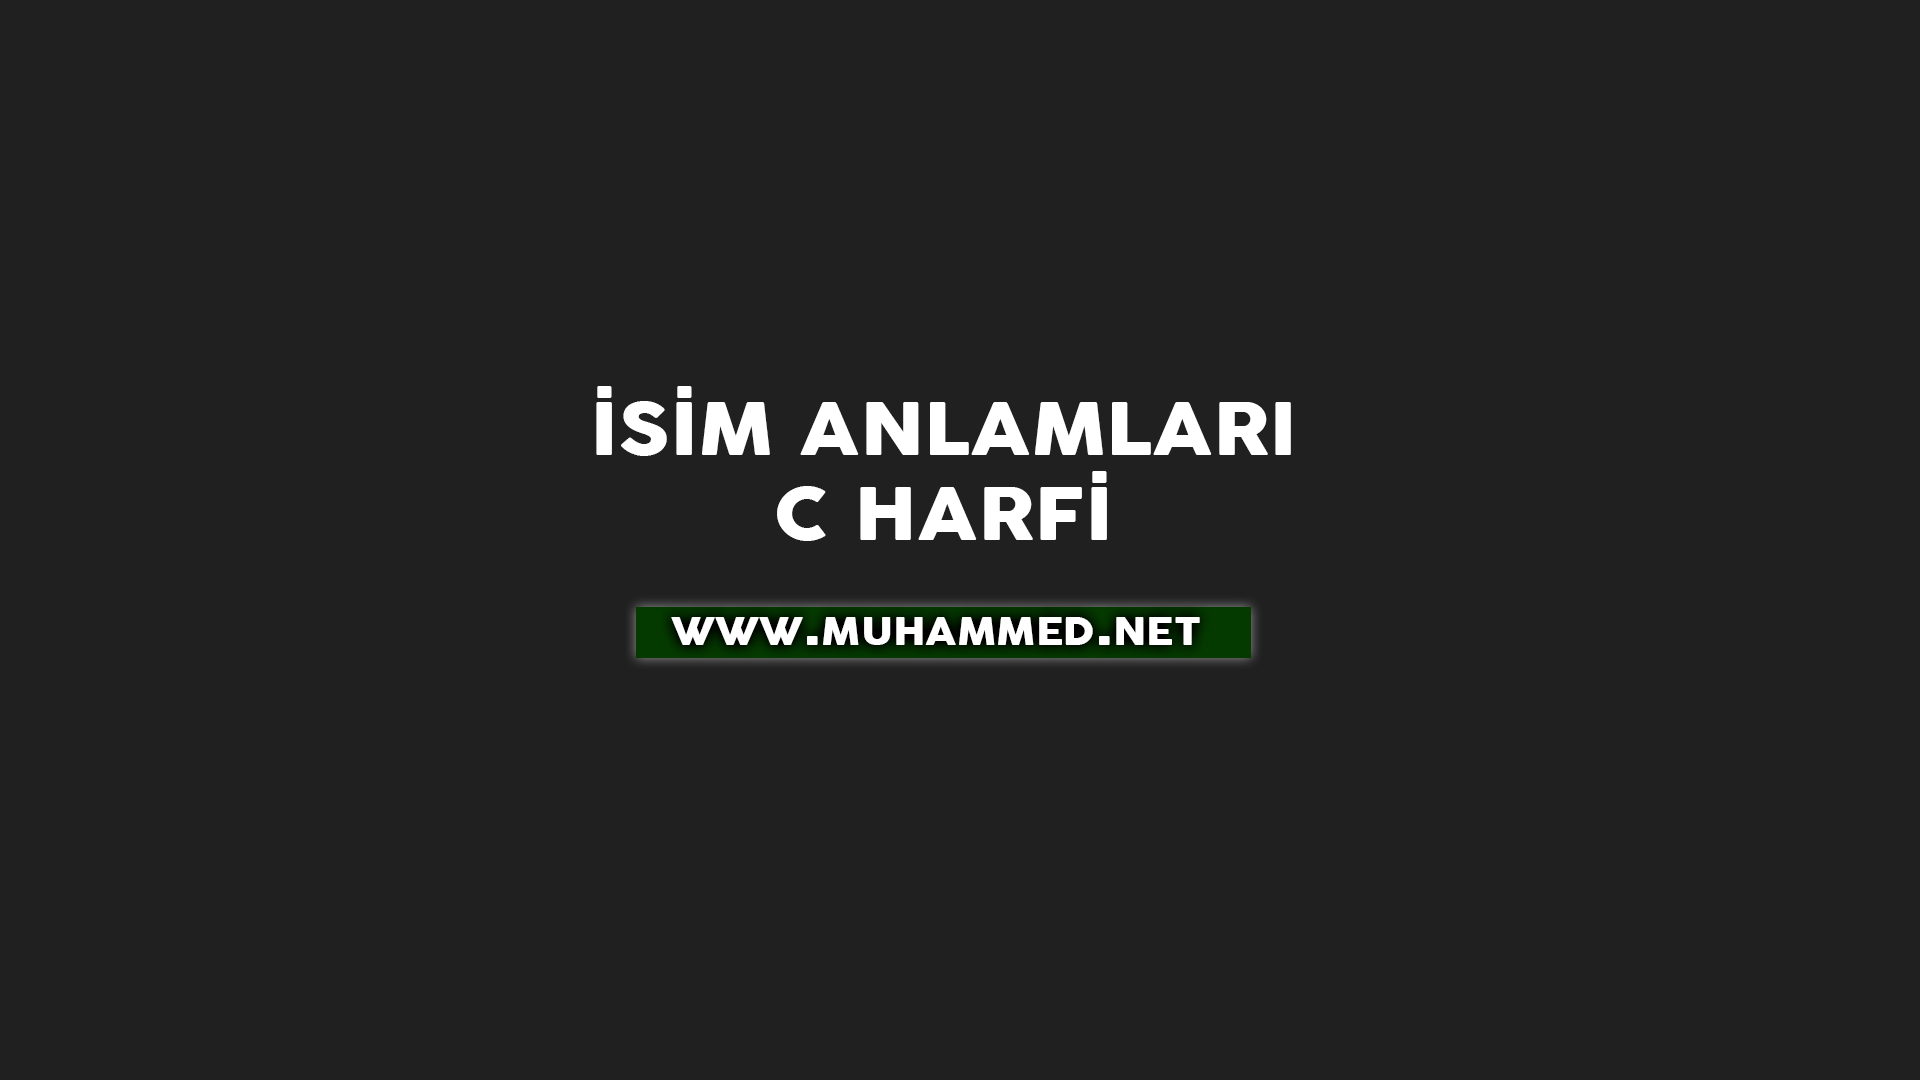 İsim Anlamları - C Harfi